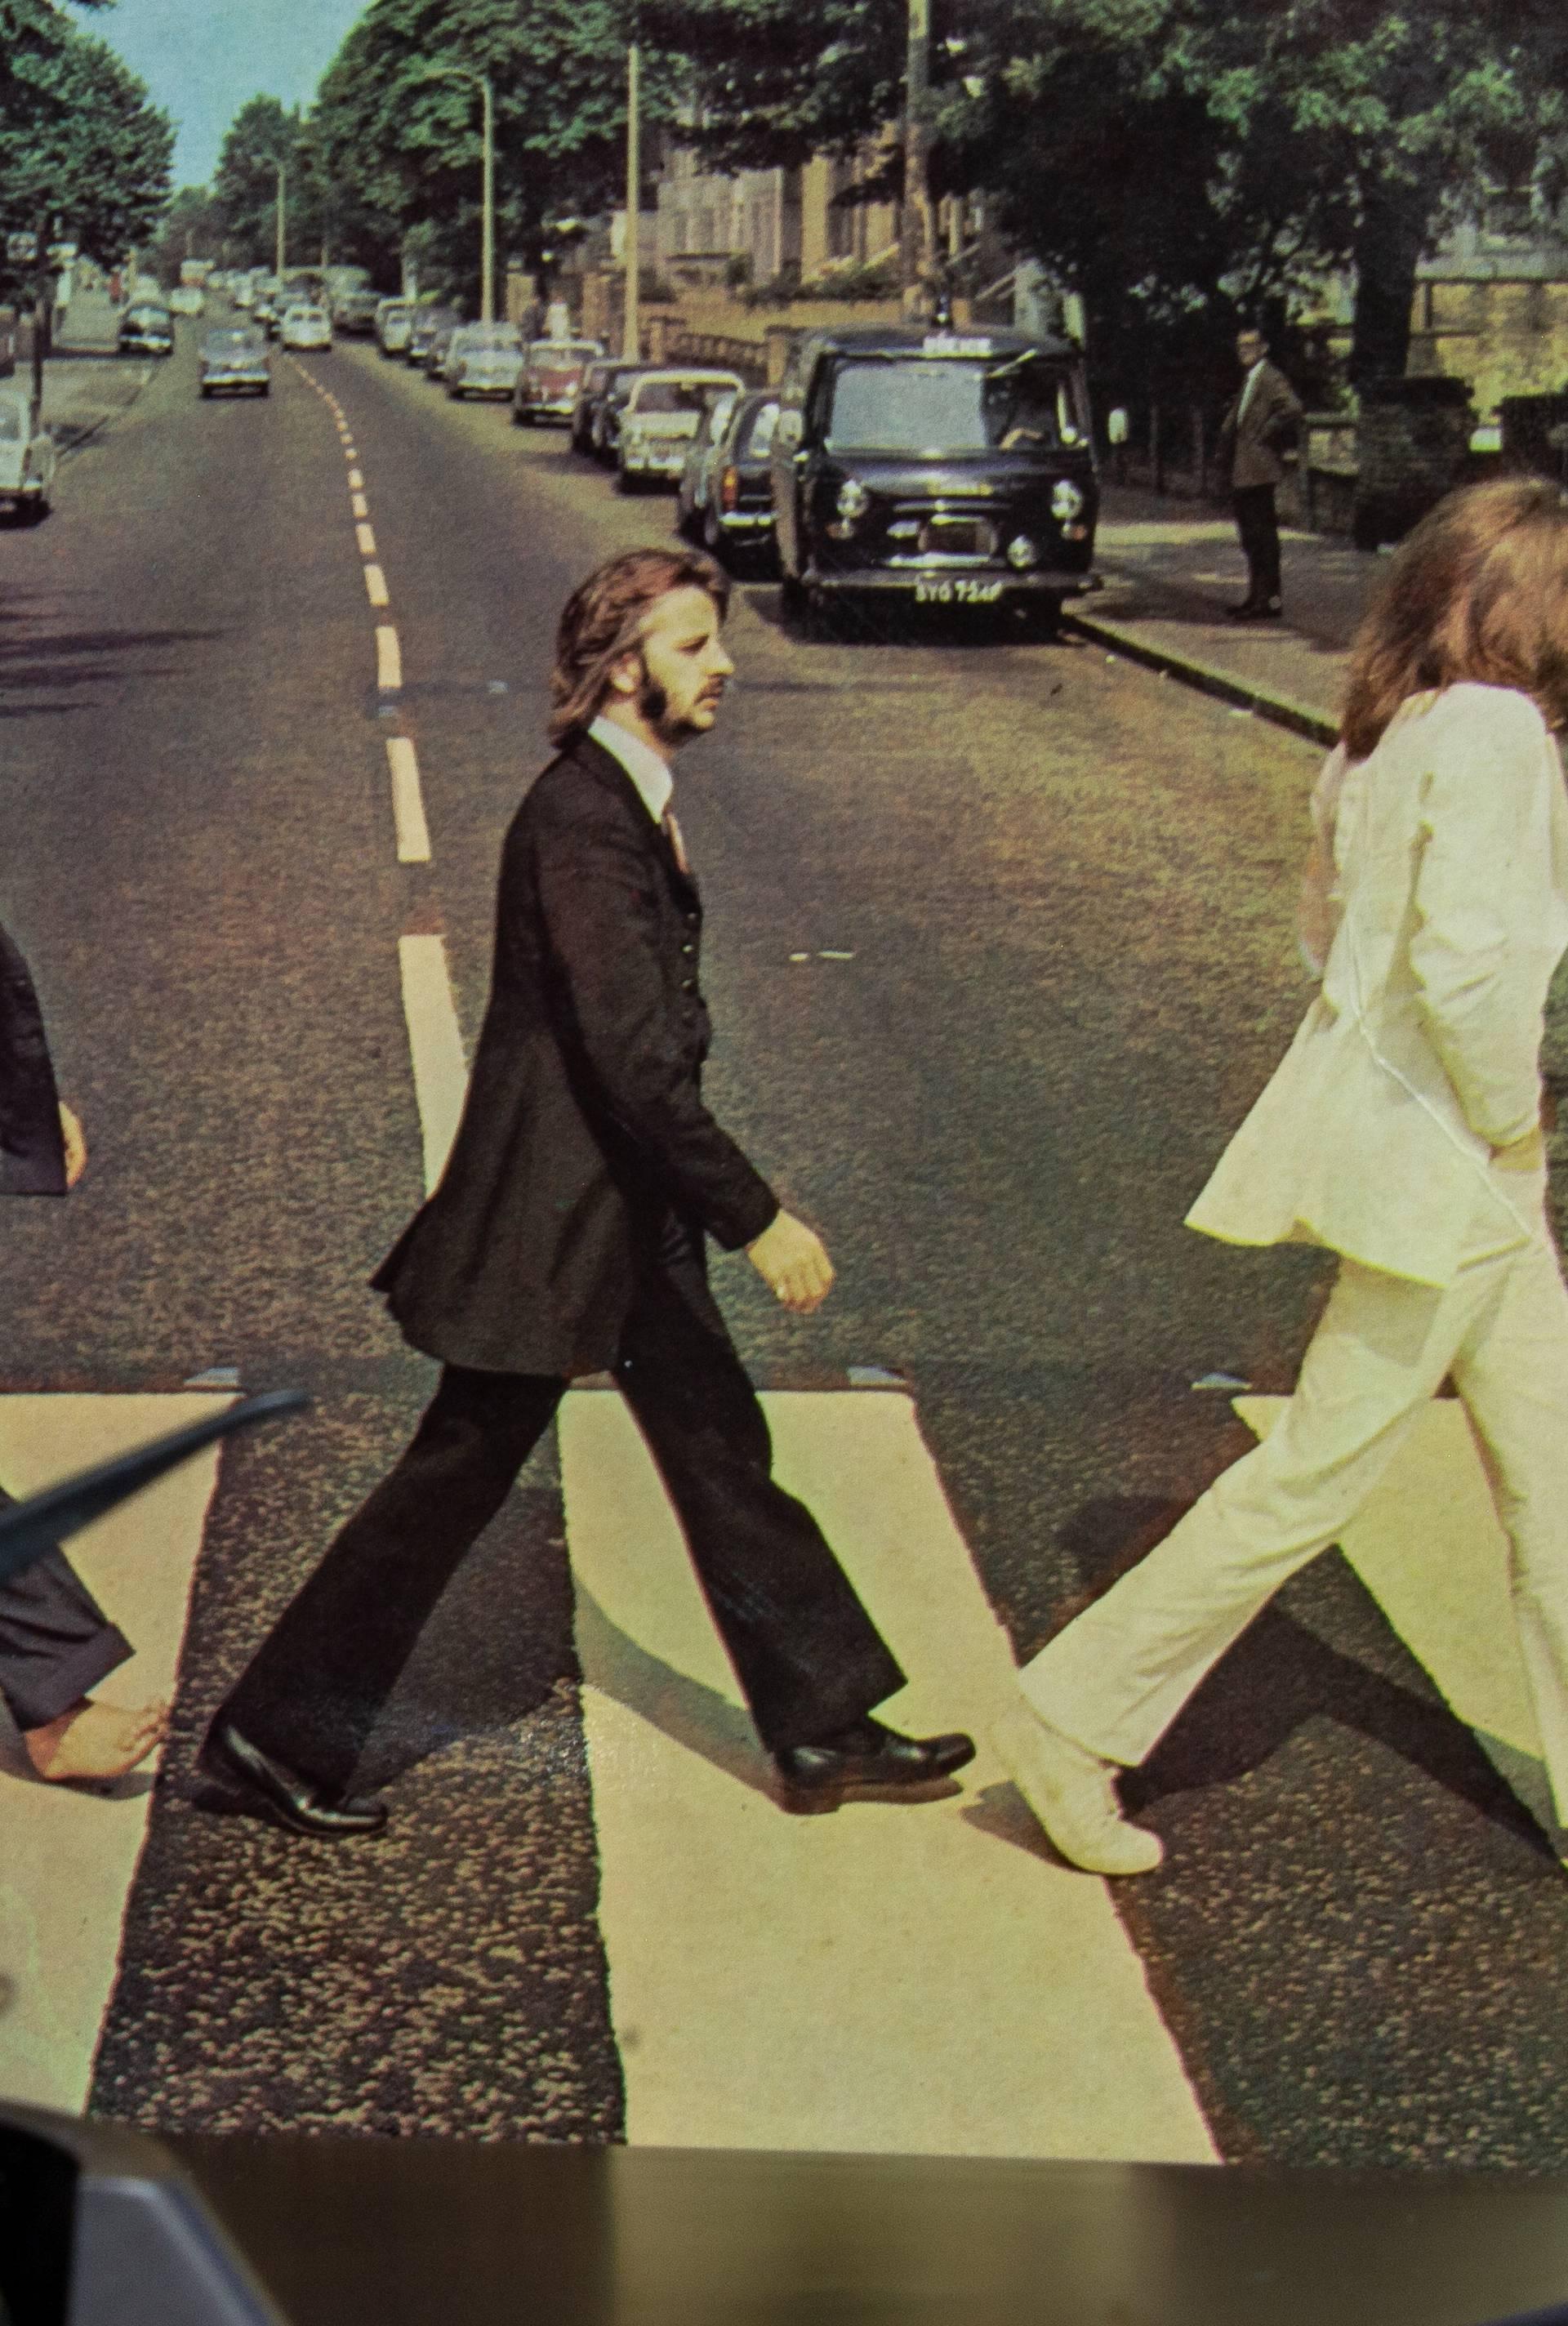 Jedinstvena prilika: Posao iz snova za obožavatelje Beatlesa